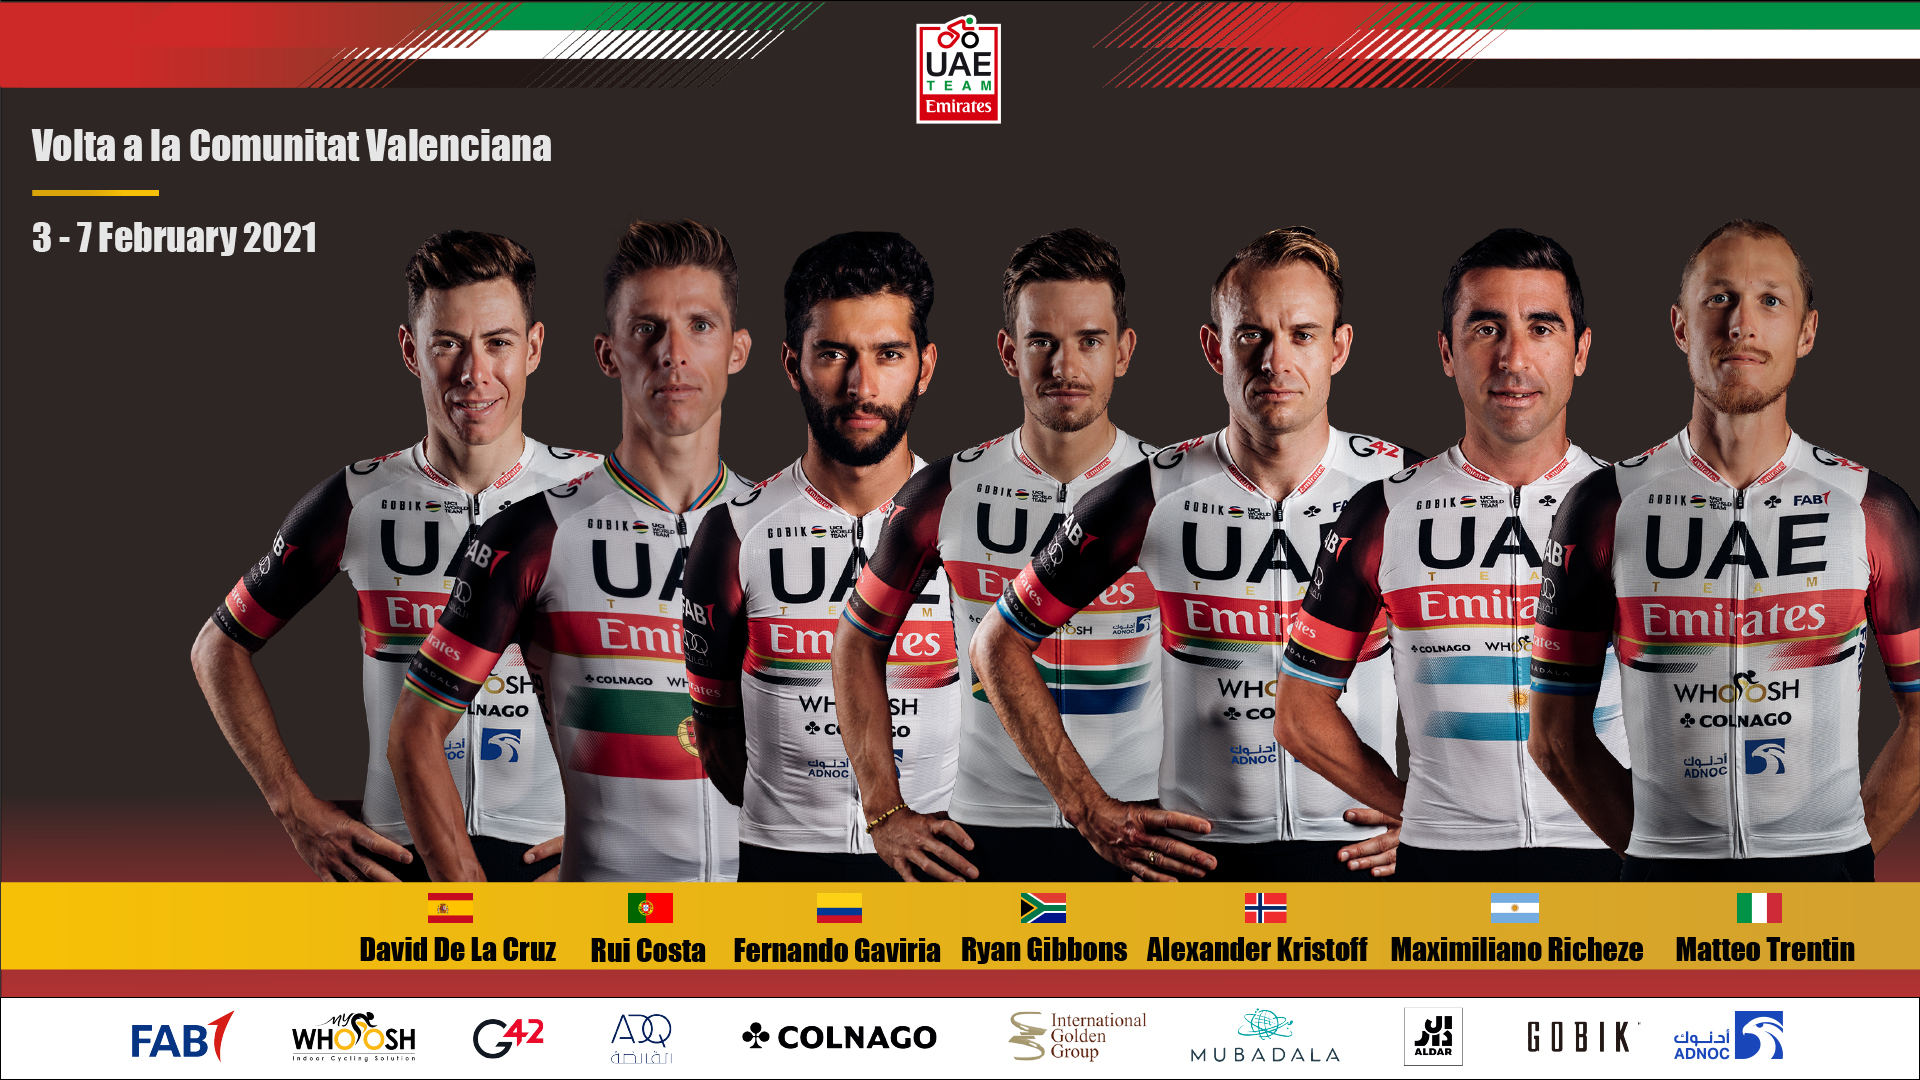 El UAE Emirates va con un potente equipo a la Vuelta de la Comunidad Valenciana.